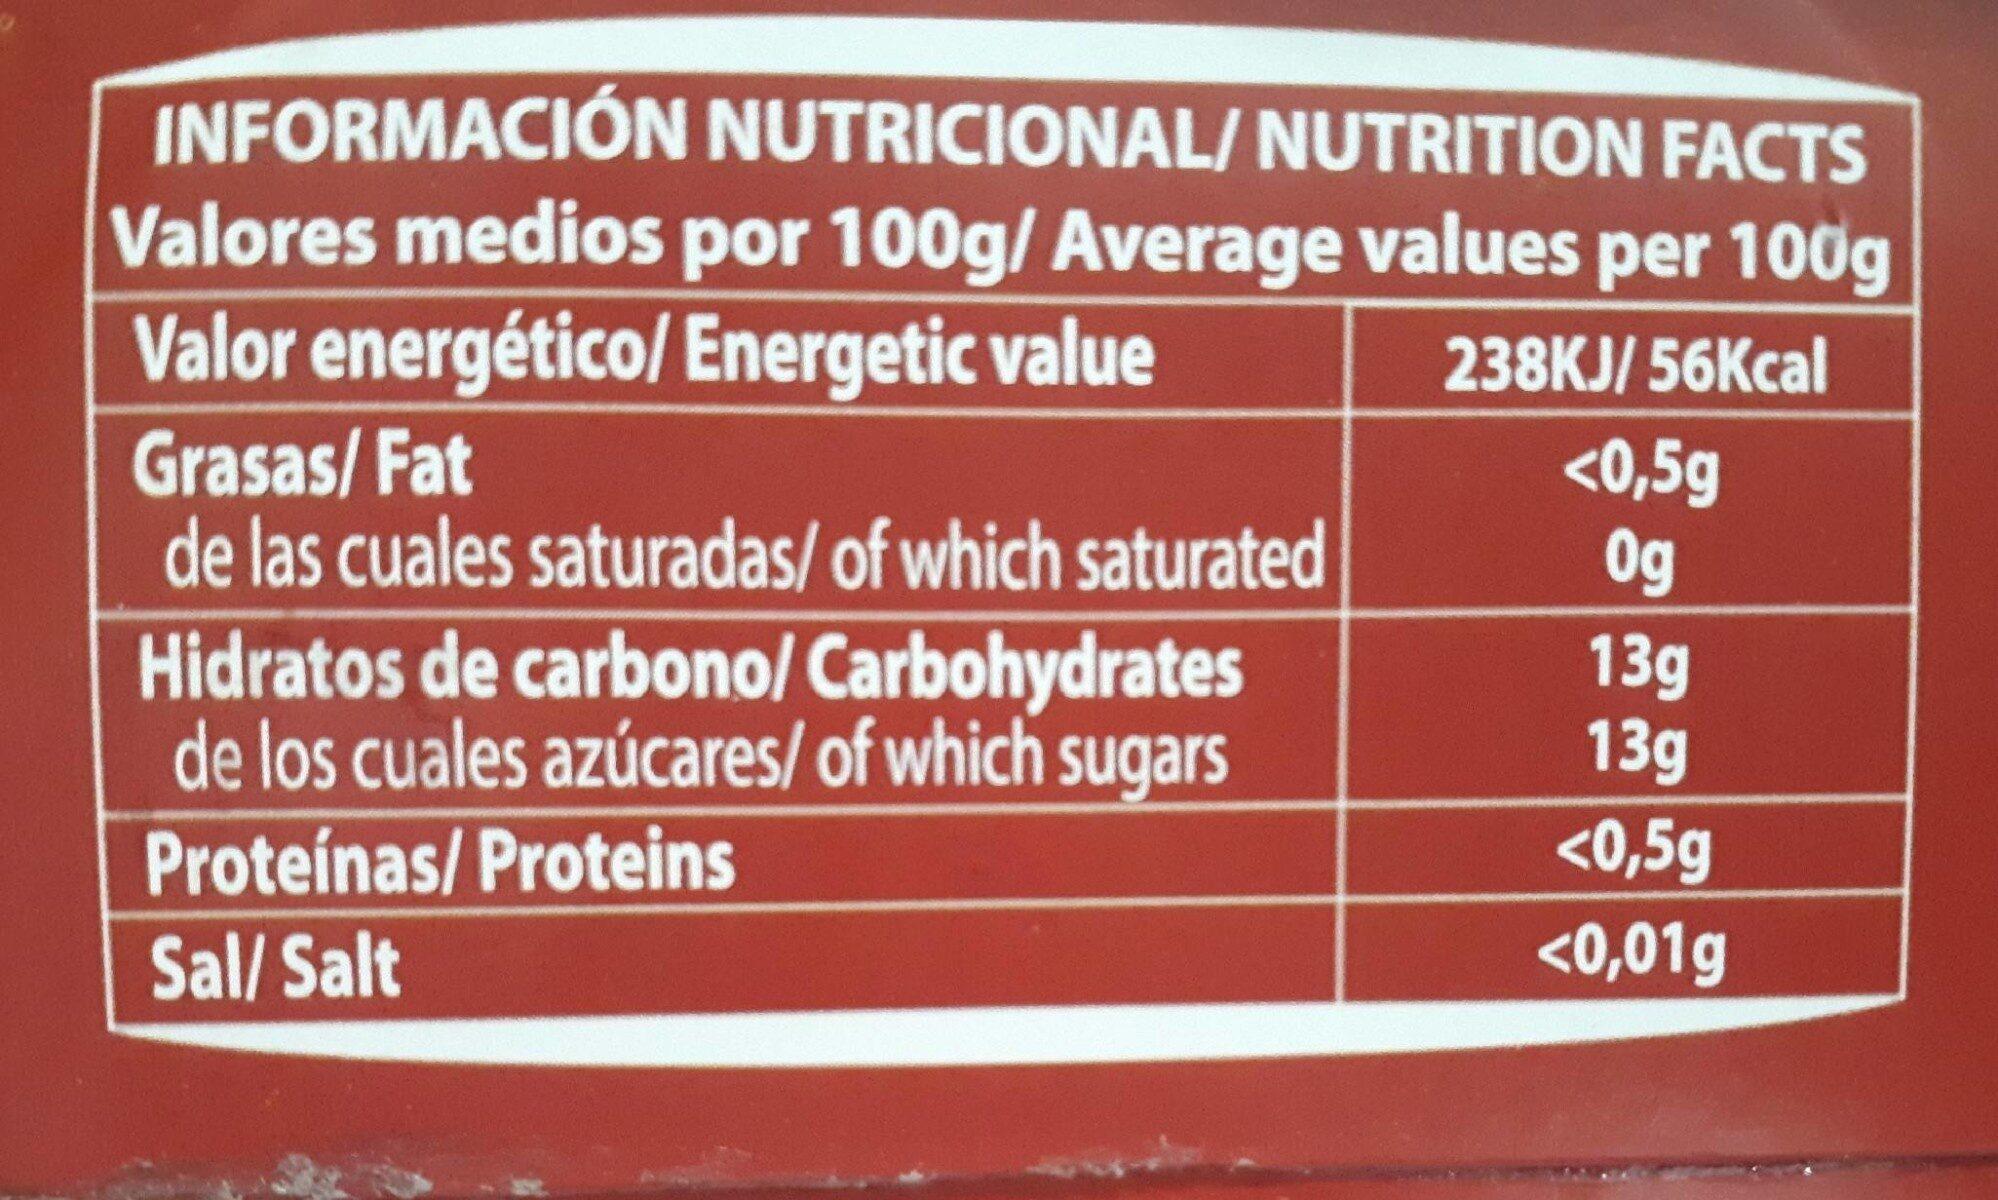 Piña rodajas en su jugo - Informations nutritionnelles - es